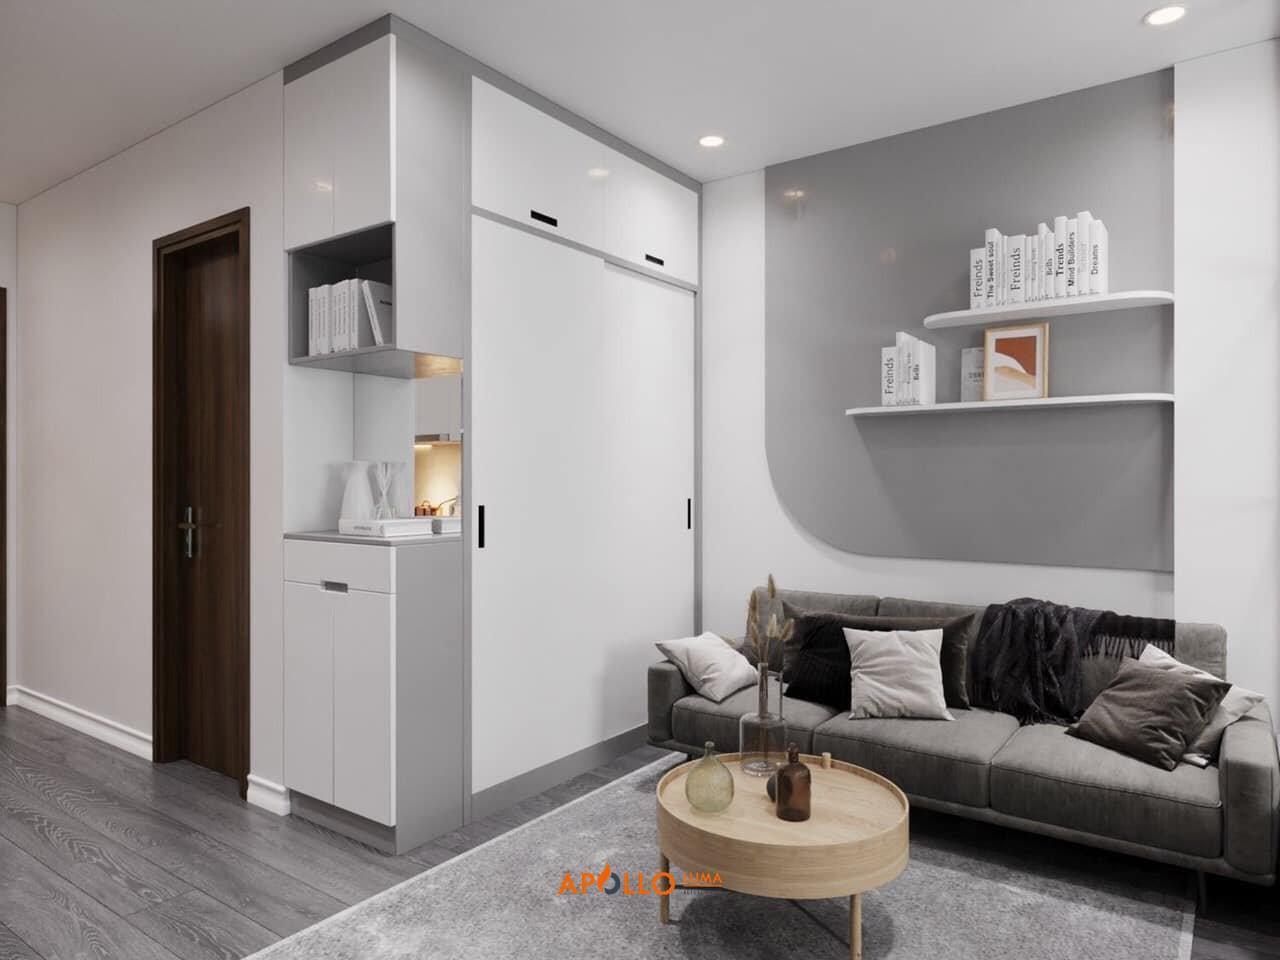 Tìm hiểu thiết kế nội thất căn hộ Studio Vinhomes Smart City Tây Mỗ